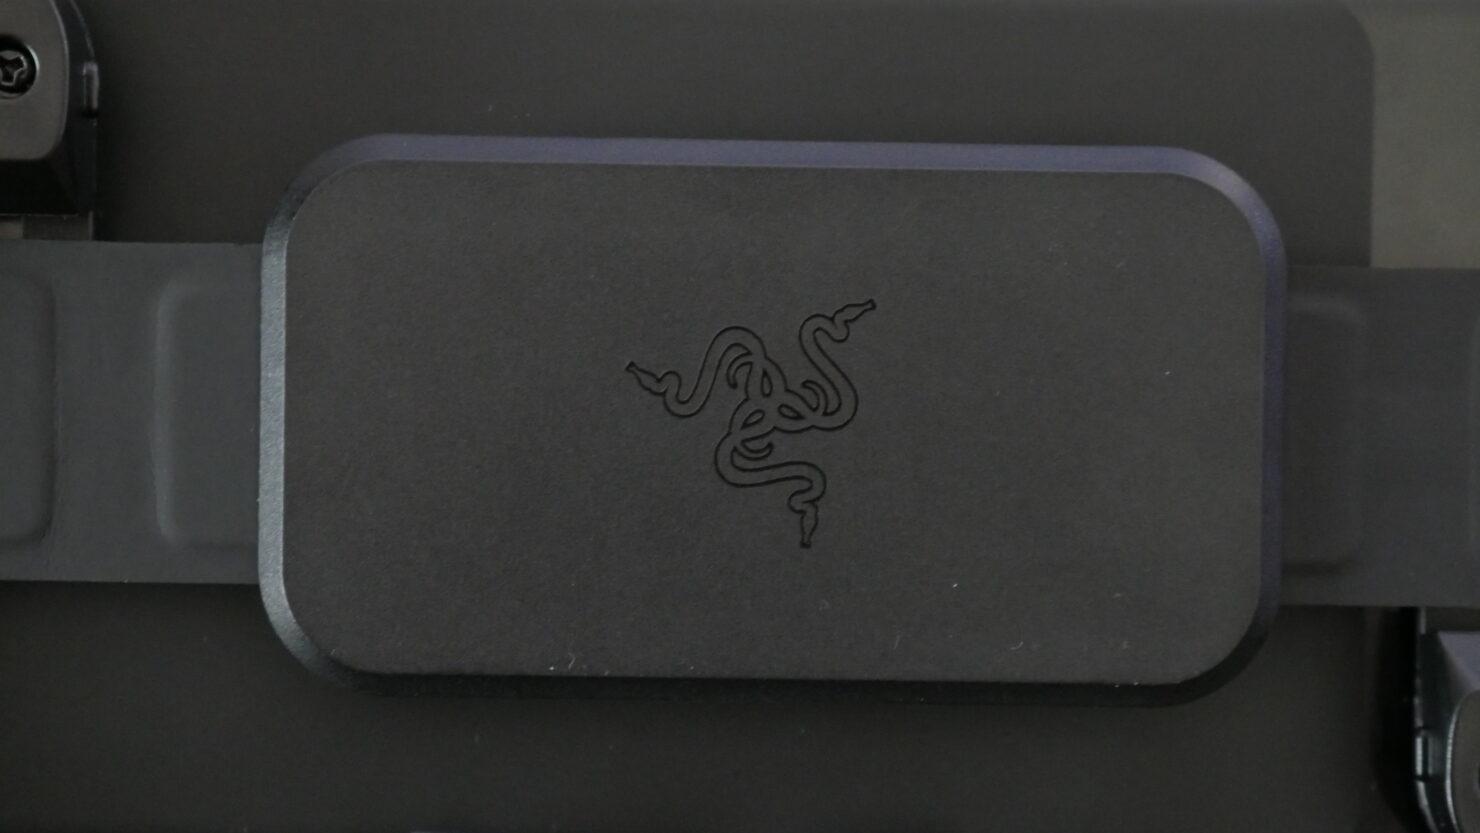 razer-kishi-logo